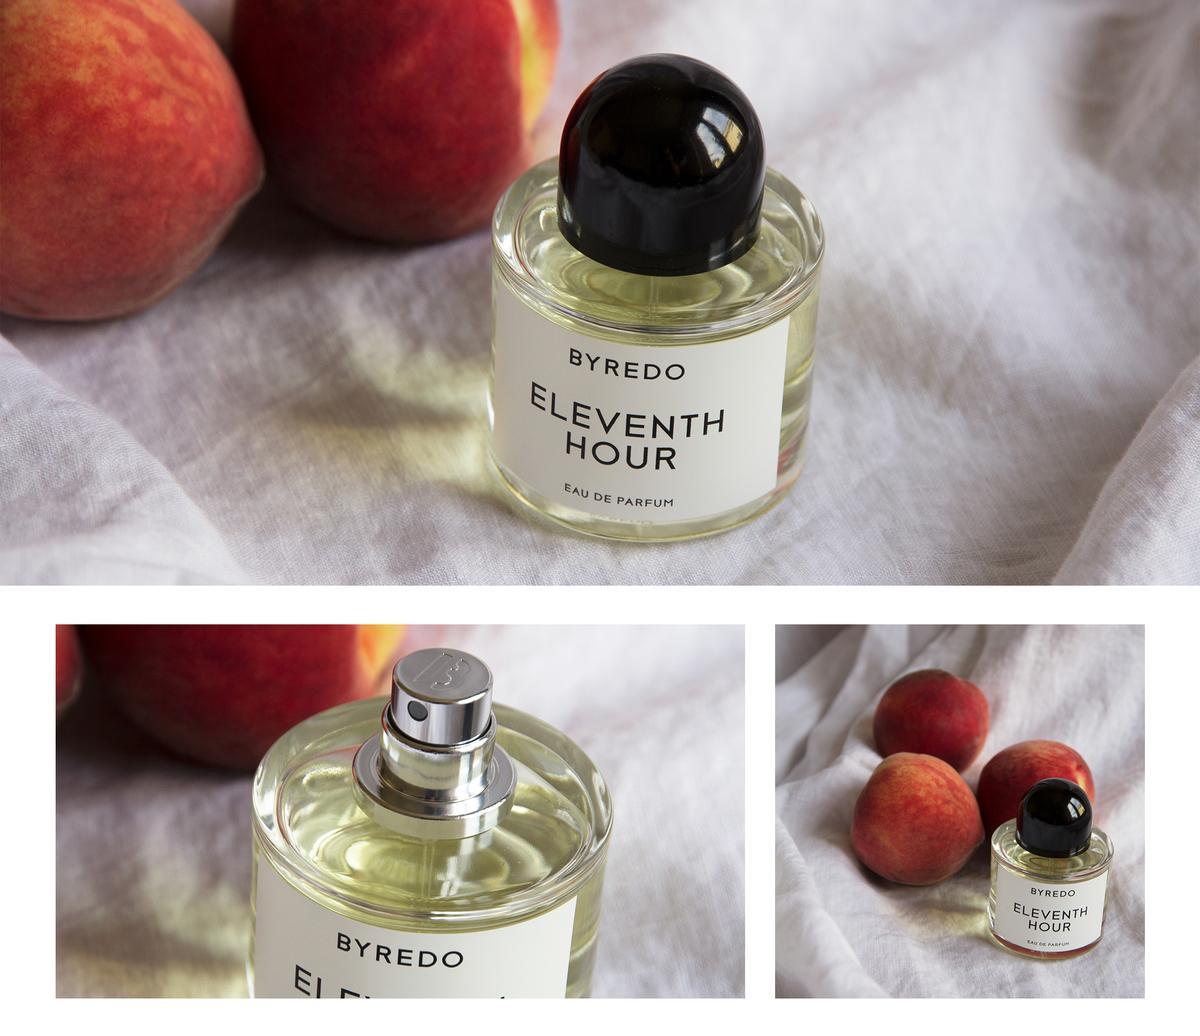 """<h5><em>Byredo<a href=""""https://www.mecca.com.au/byredo/eleventh-hour-edp-50ml/I-033760.html"""" target=""""_blank"""">Eleventh Hour Eau De Parfum</a> ($184)</em></h5>"""